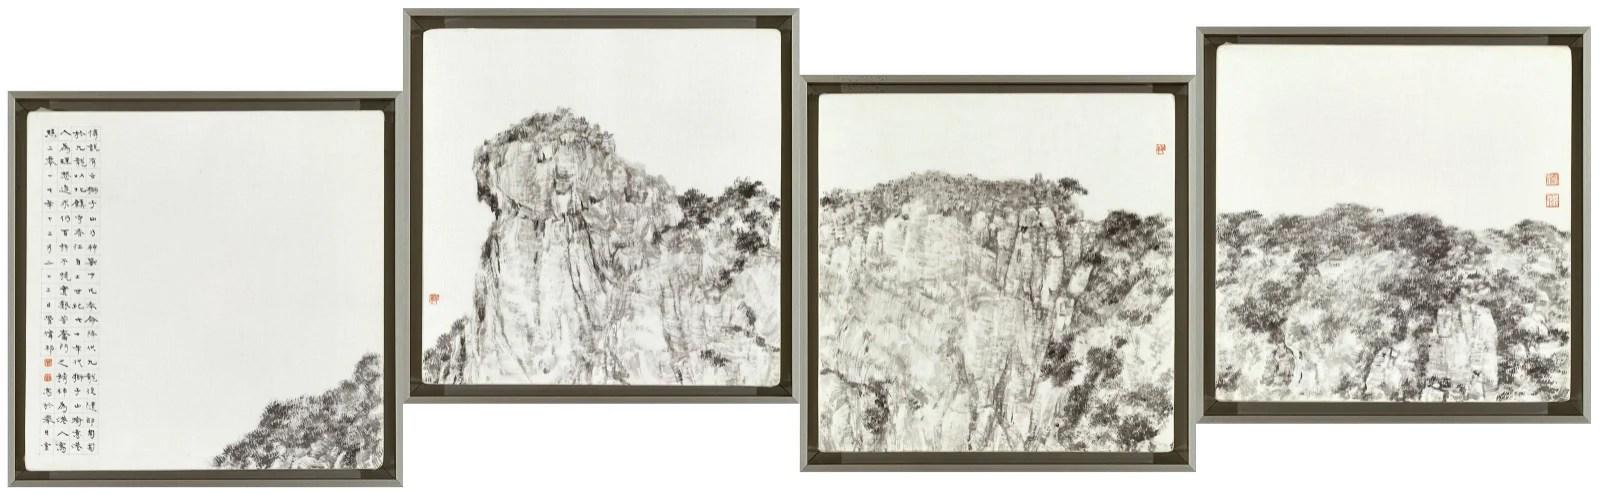 KOON WAI BONG (GUAN WEIBANG, B. 1974)